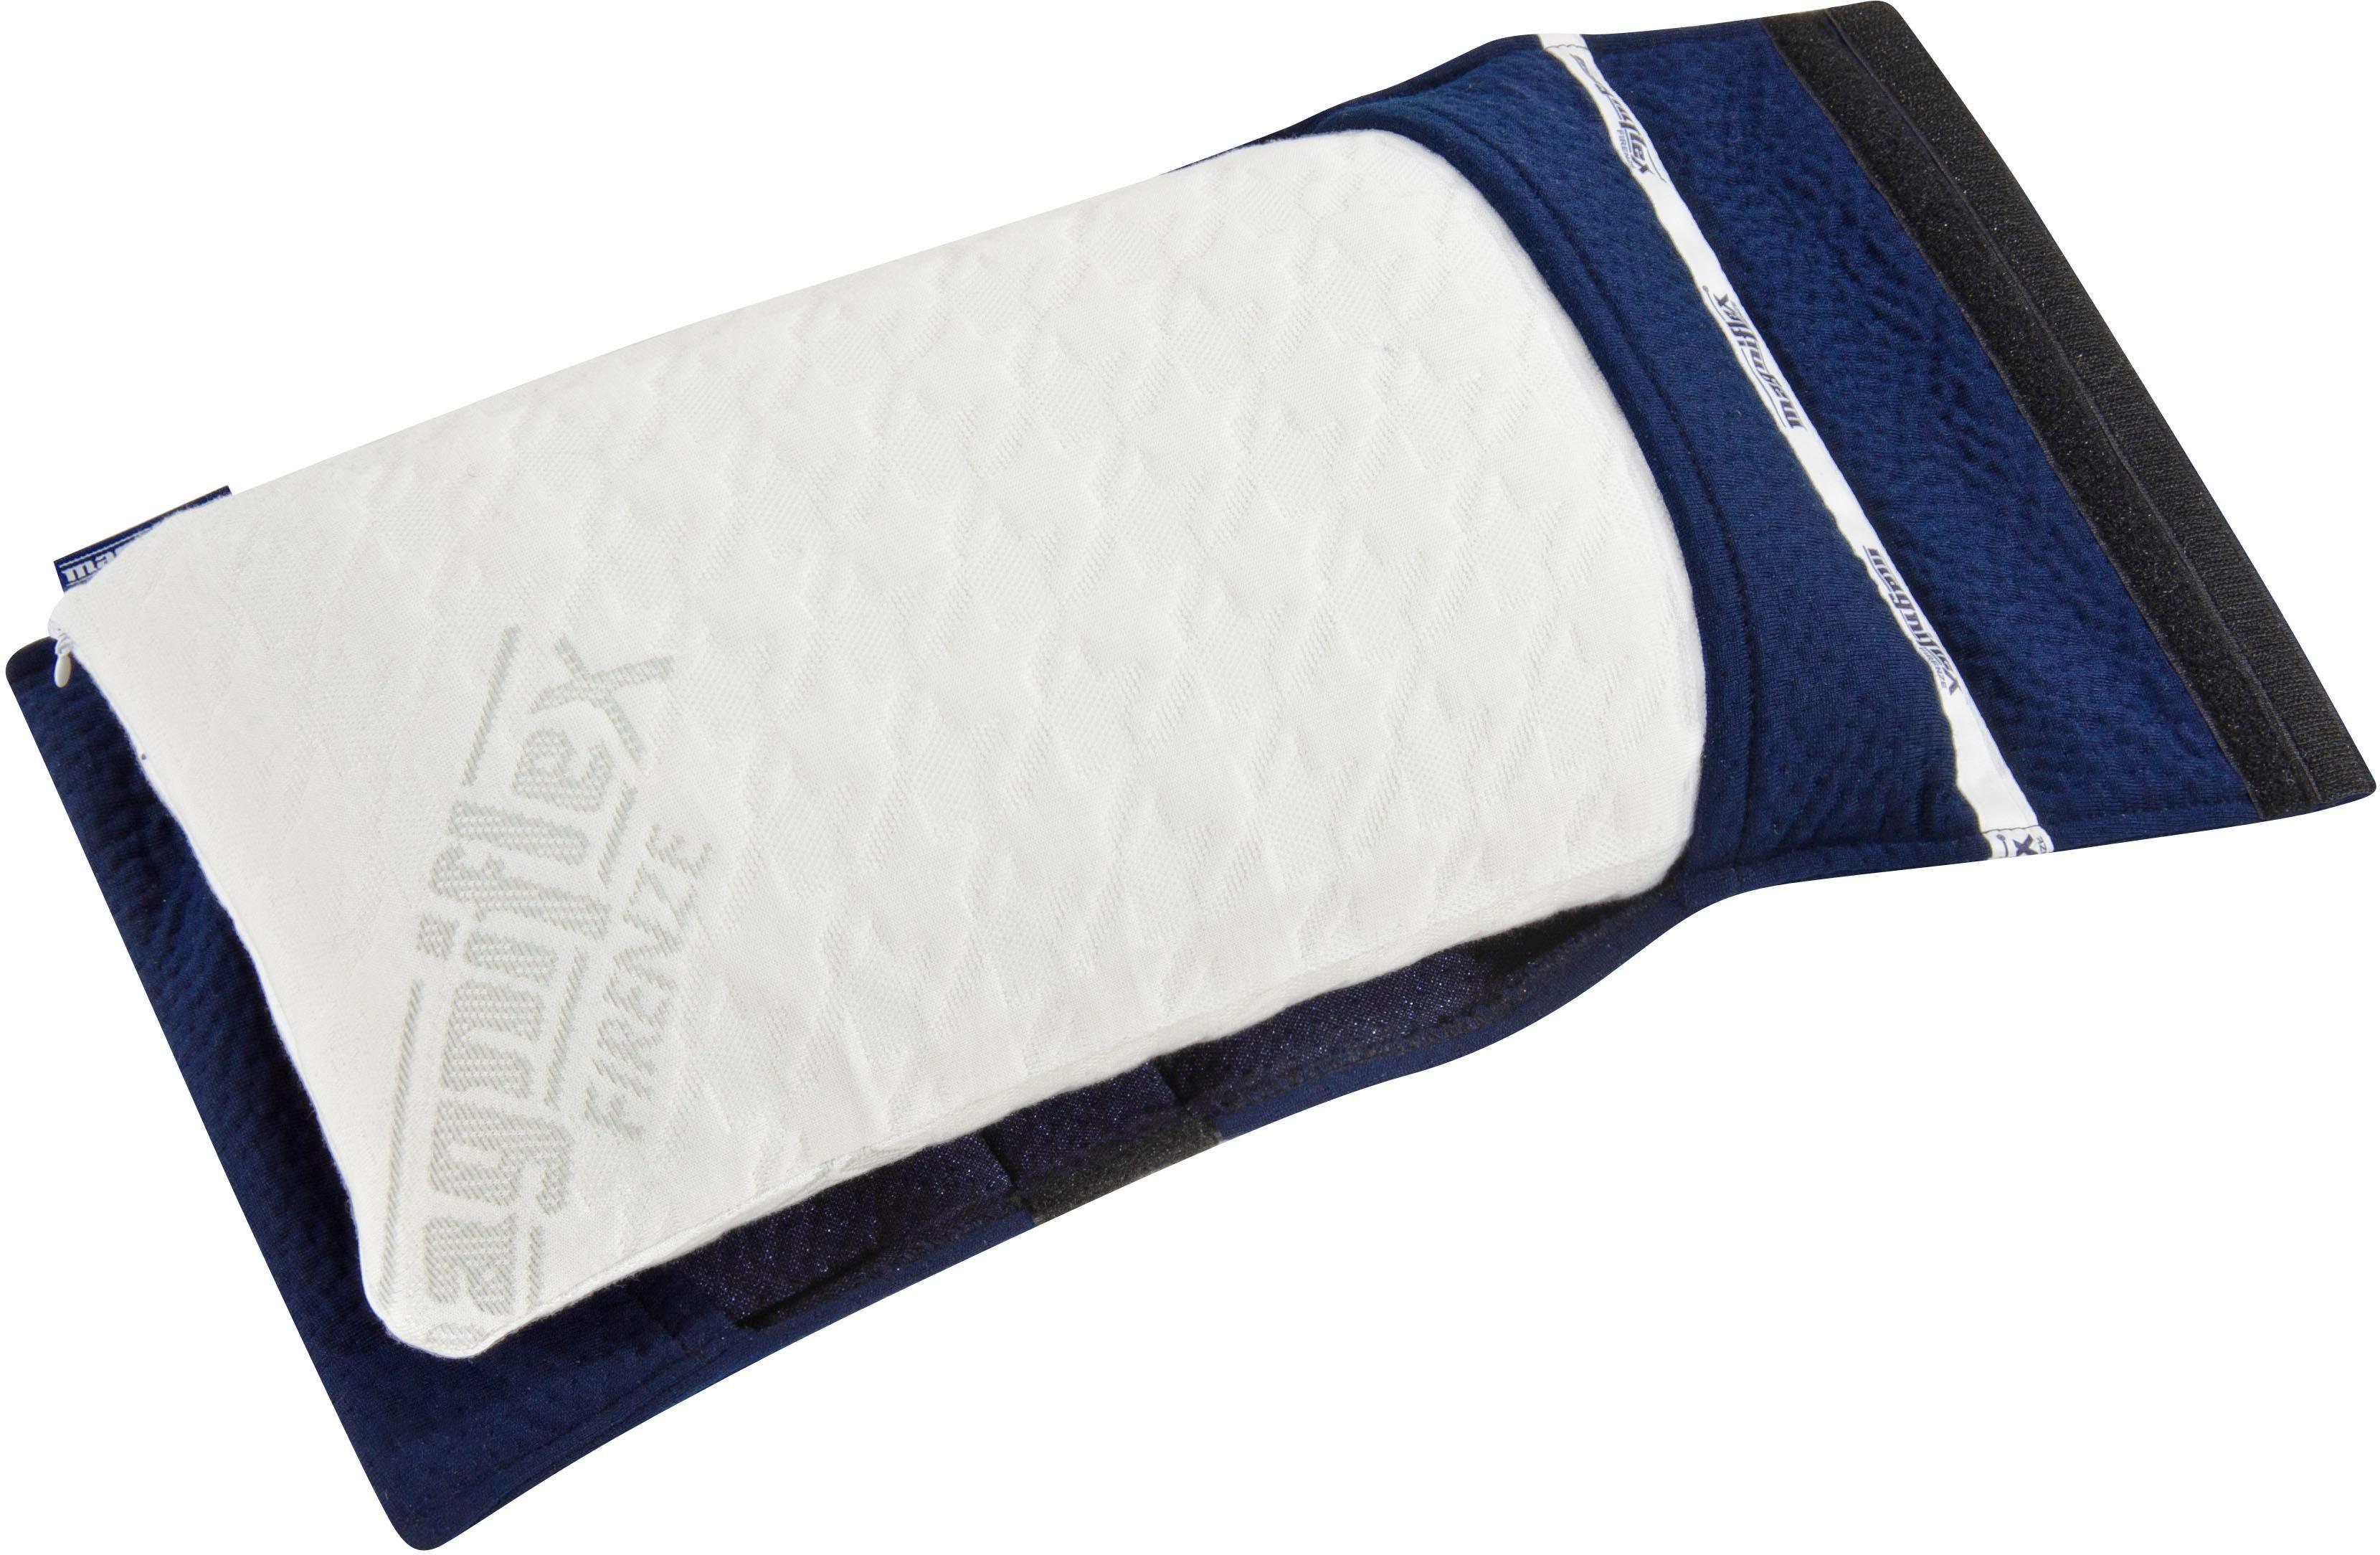 Nackenstützkissen Sushi Reisekissen Magniflex